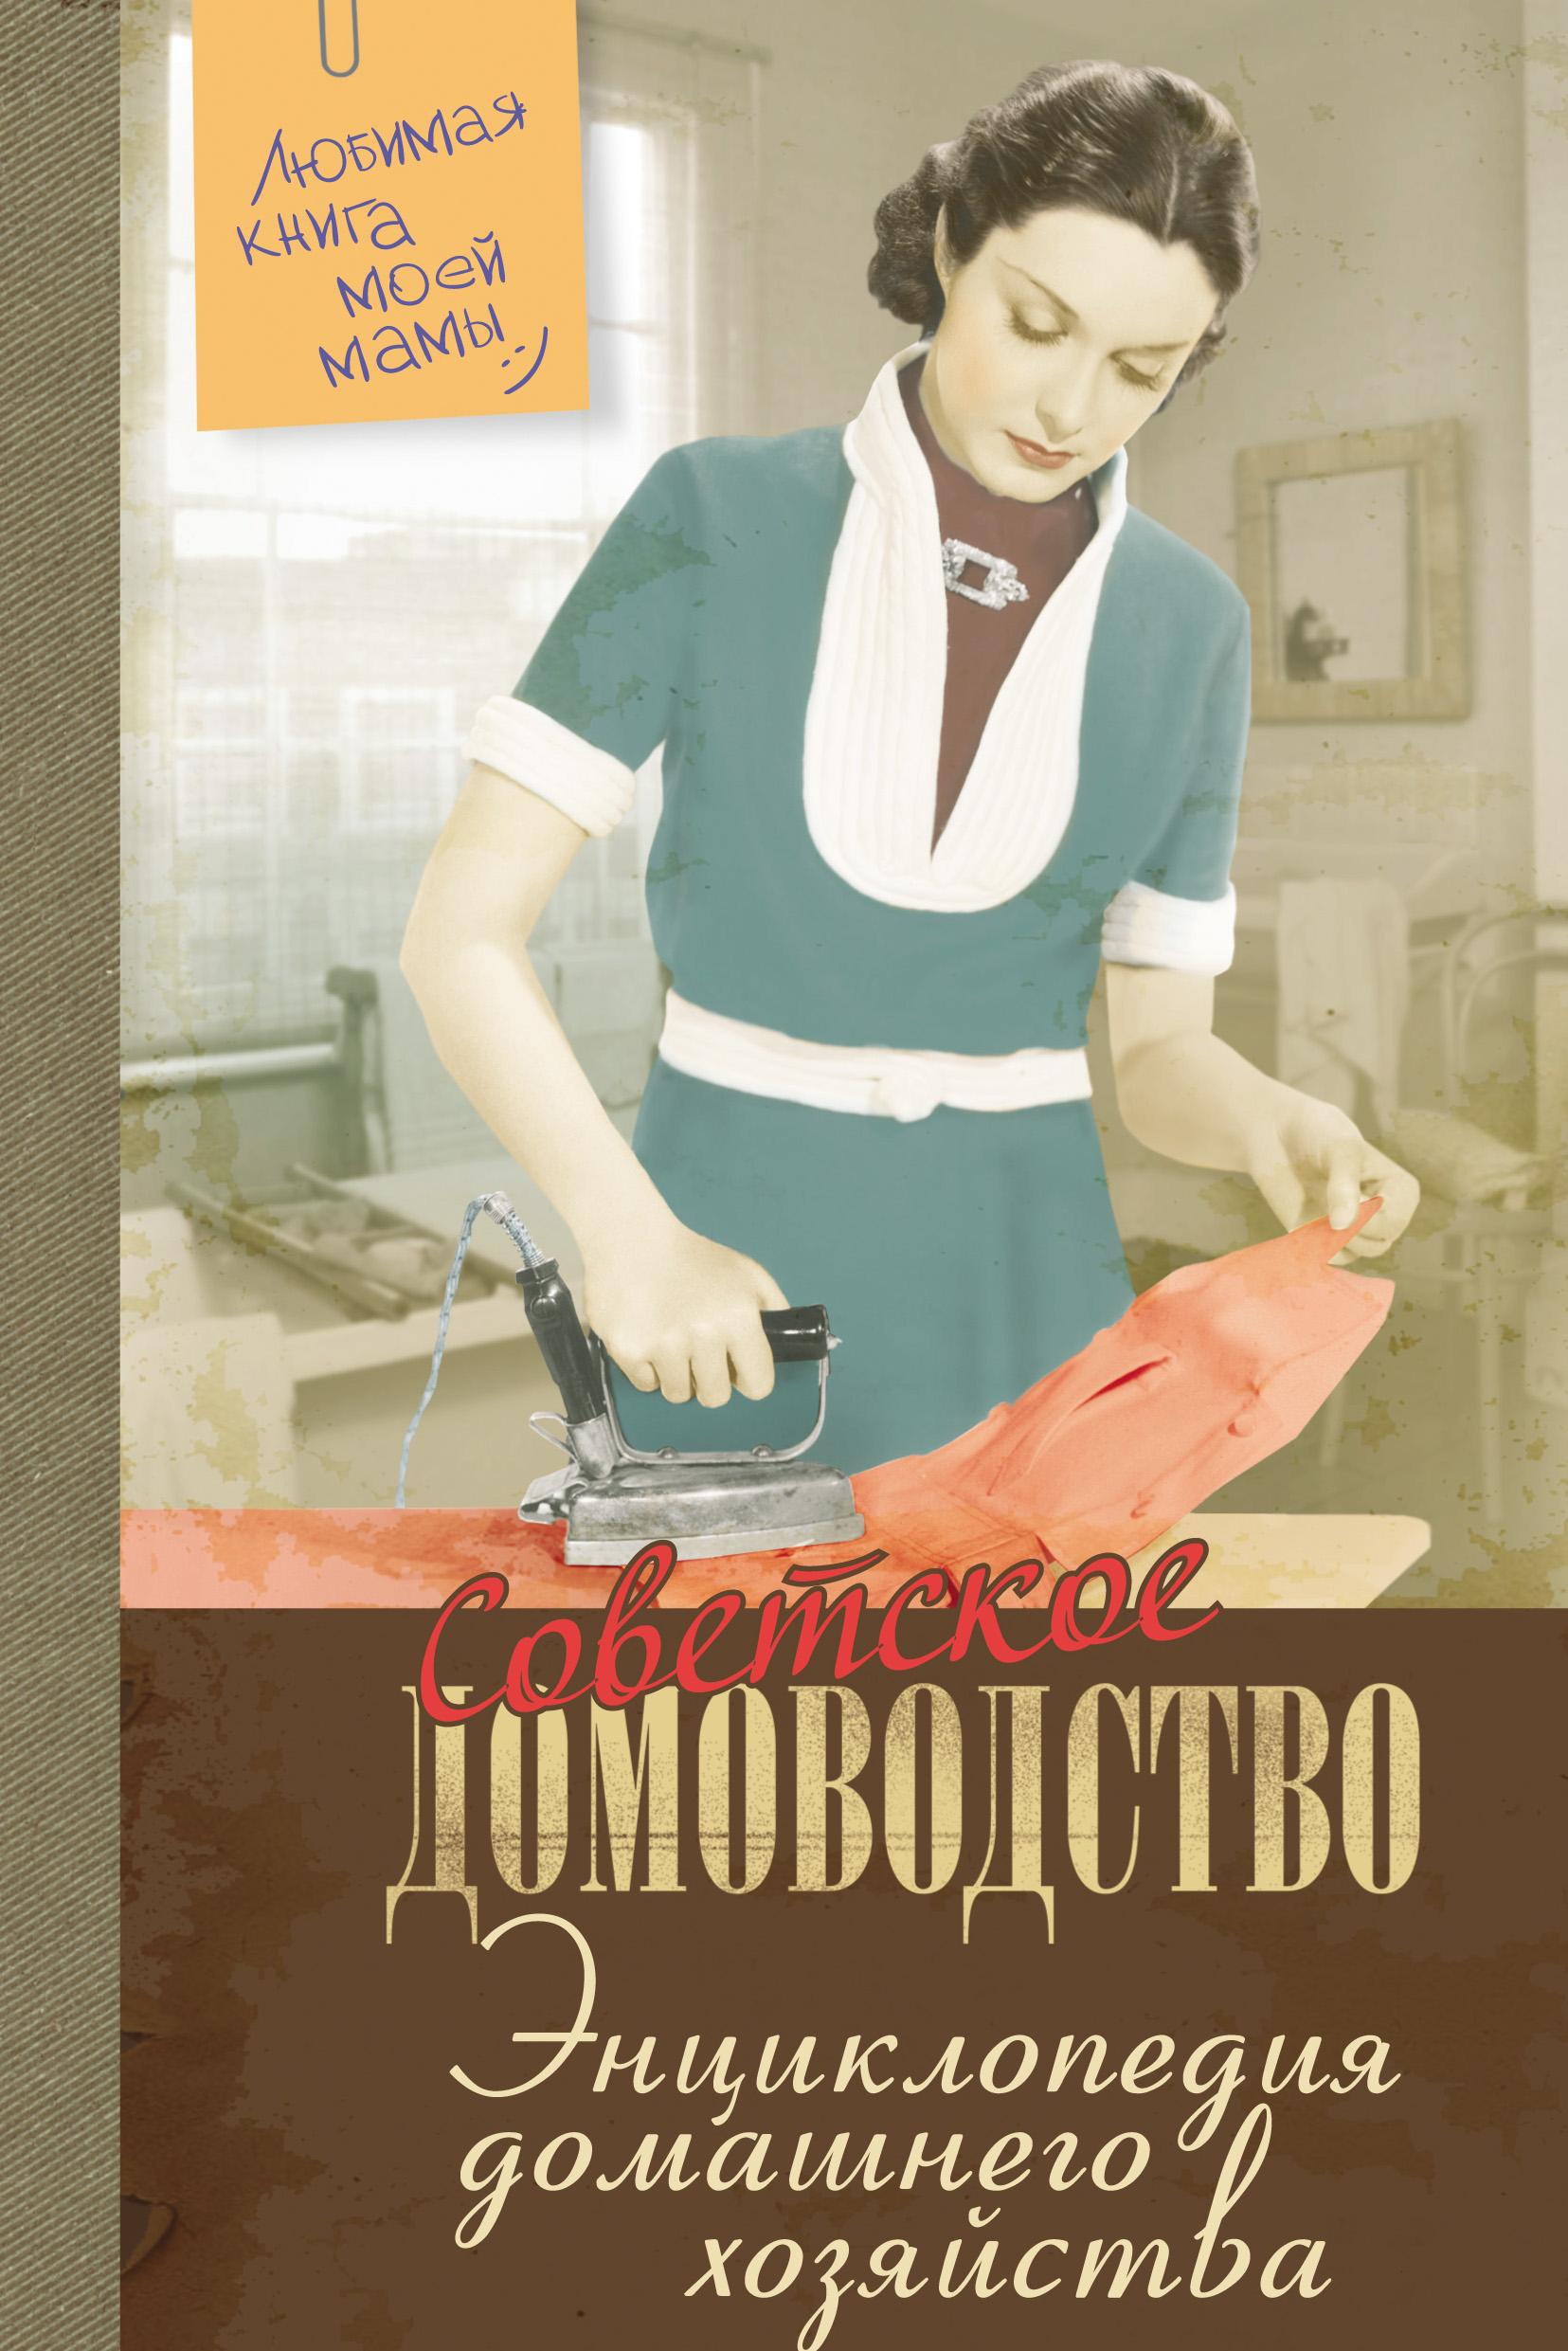 Отсутствует Энциклопедия домашнего хозяйства энциклопедия домашнего хозяйства комплект из 2 книг